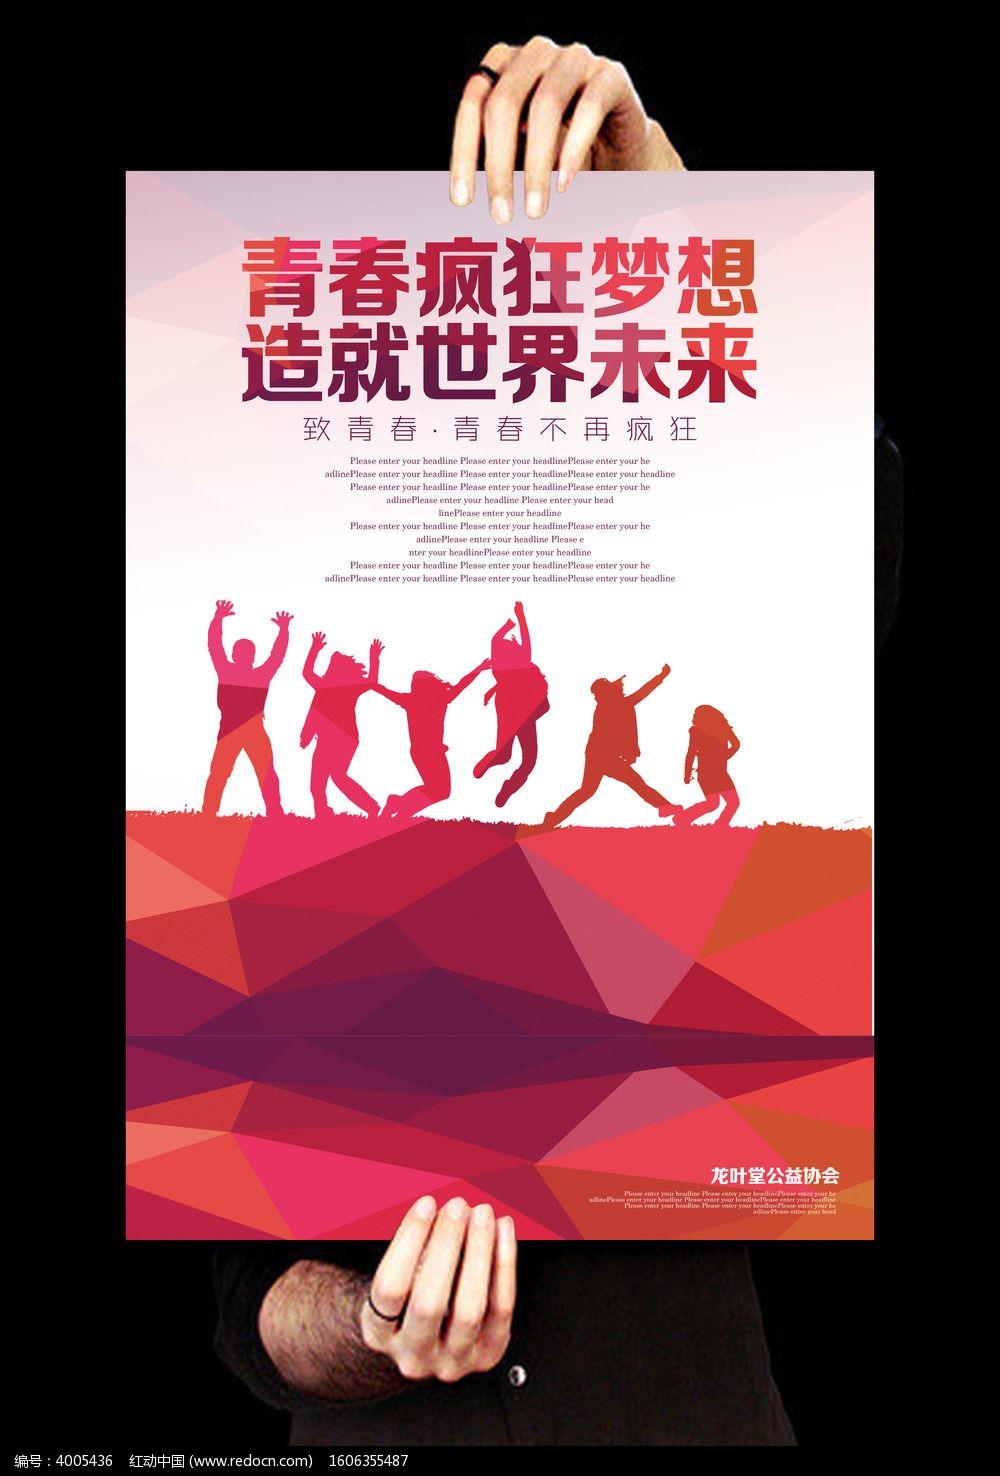 炫彩创意青春梦想海报设计图片